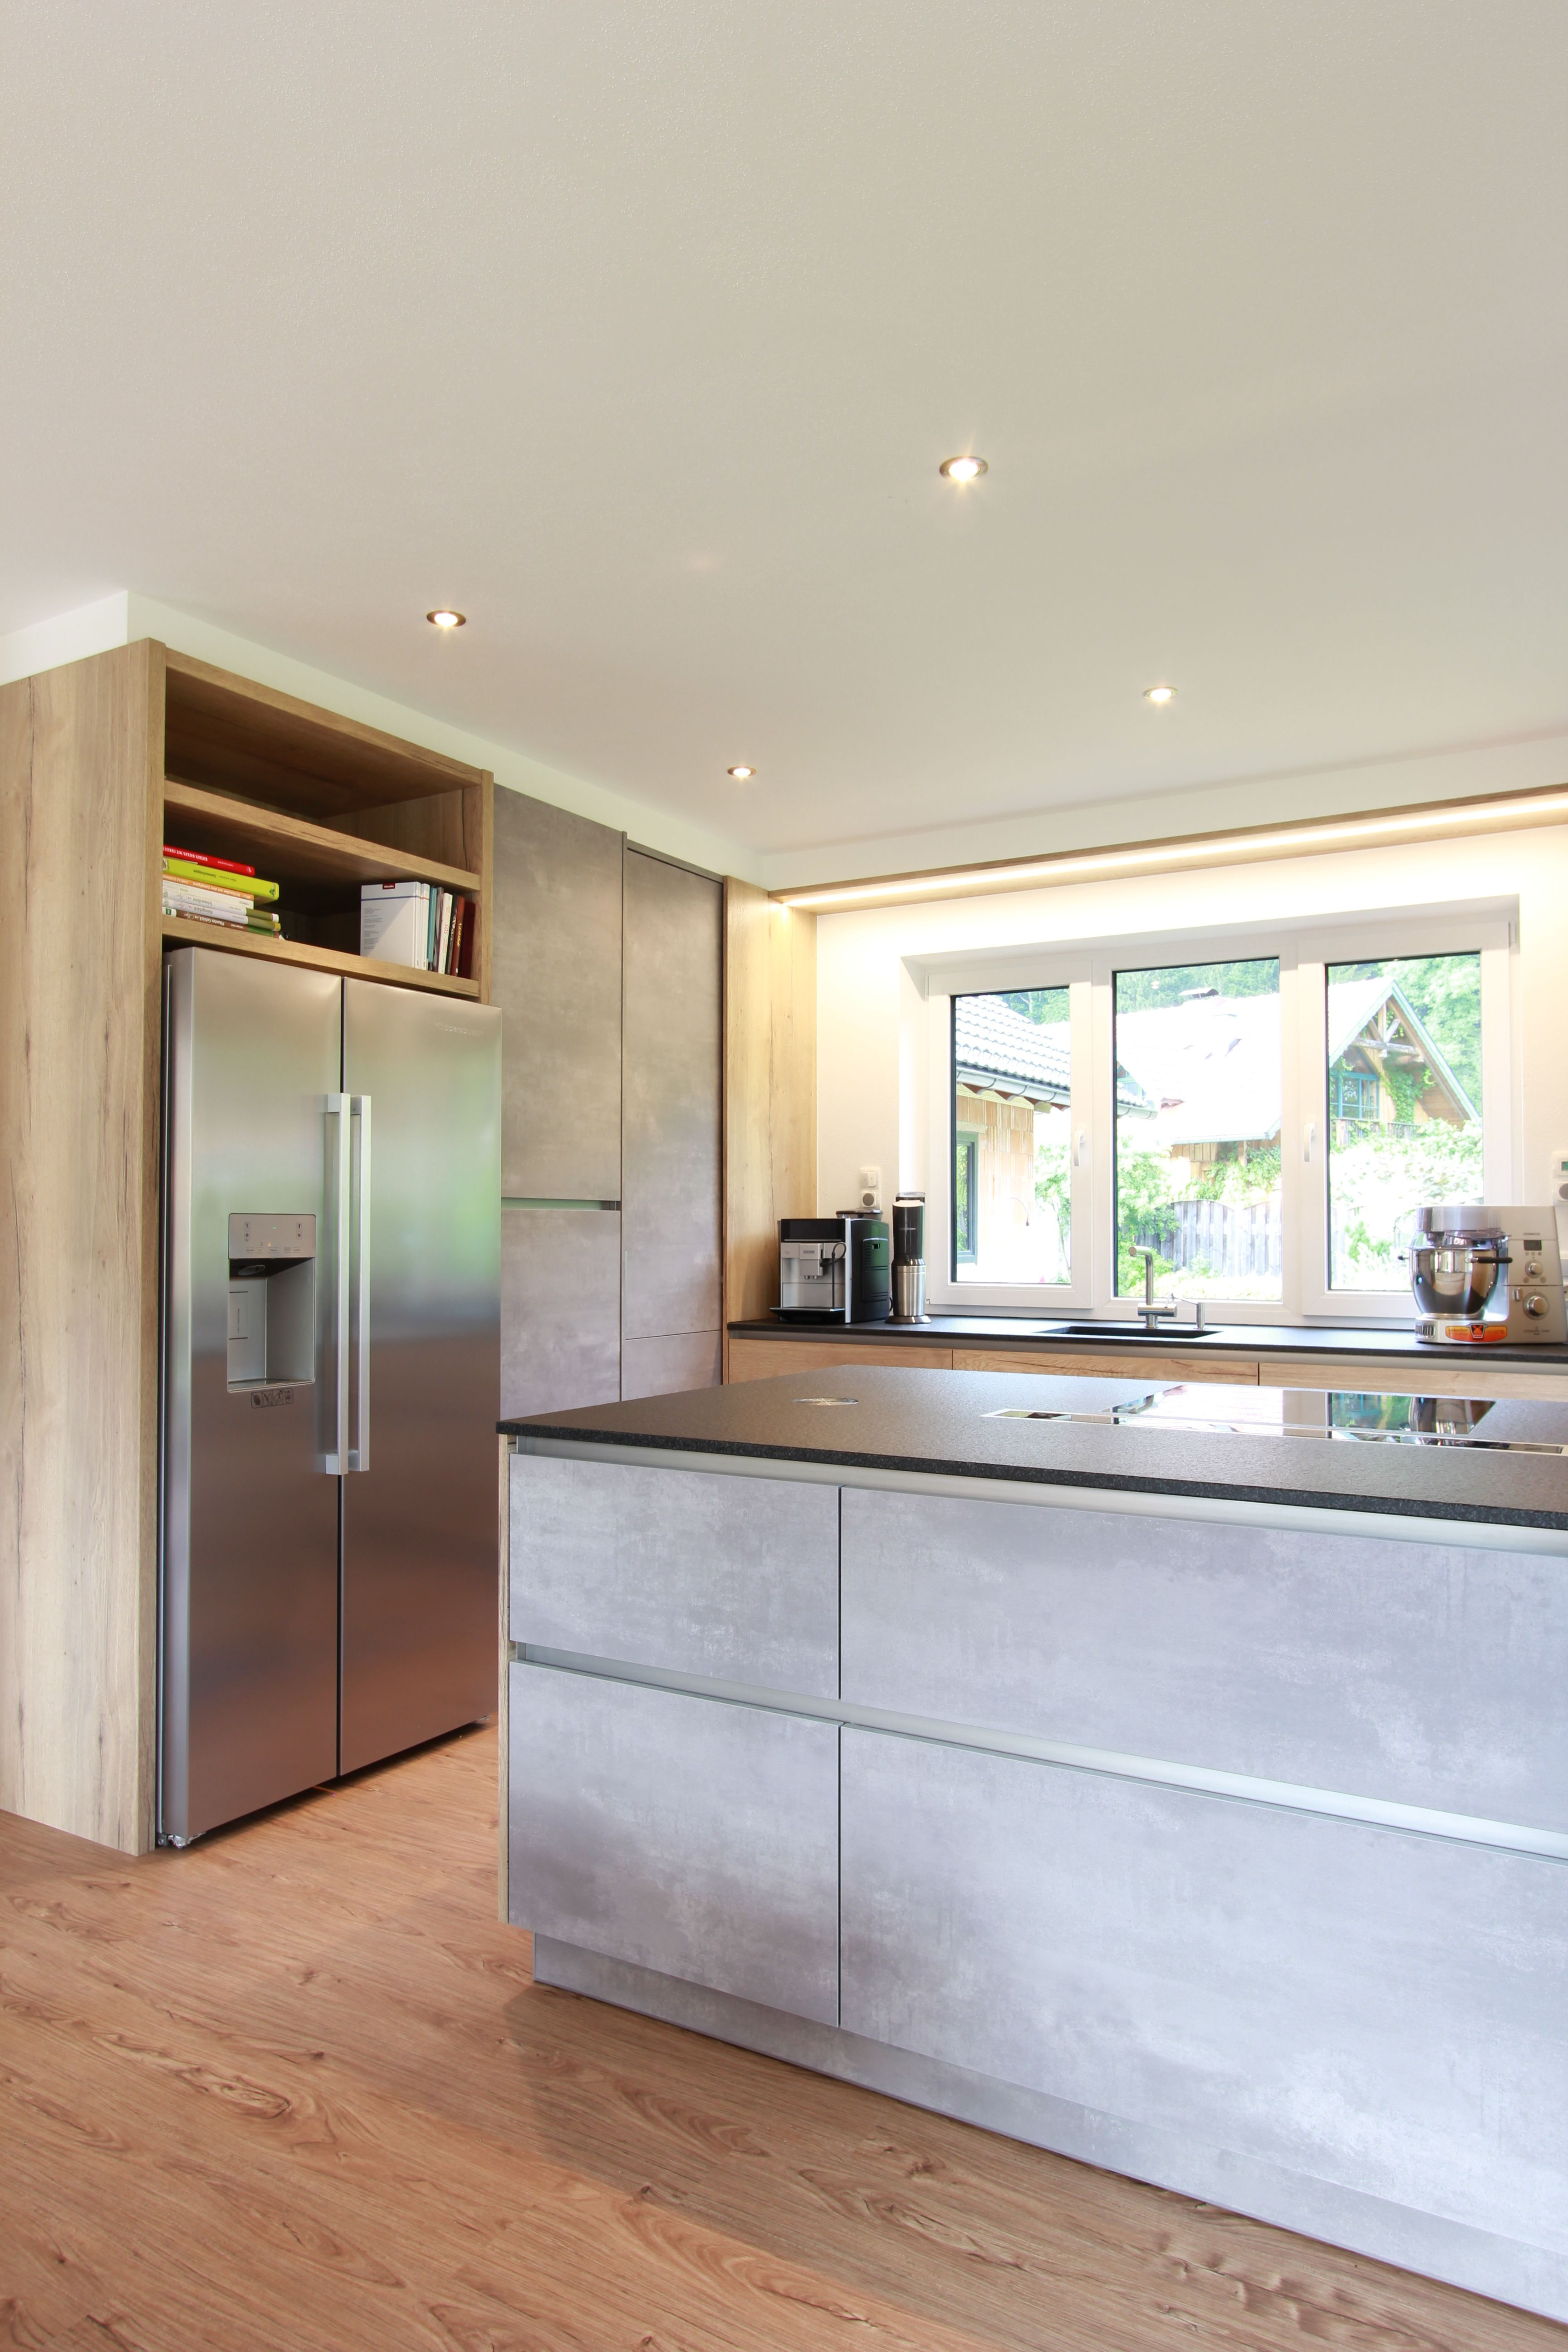 Smeg Kühlschrank Höffner : Kühlschrank ins wohnzimmer neue offene küche für efh bislang